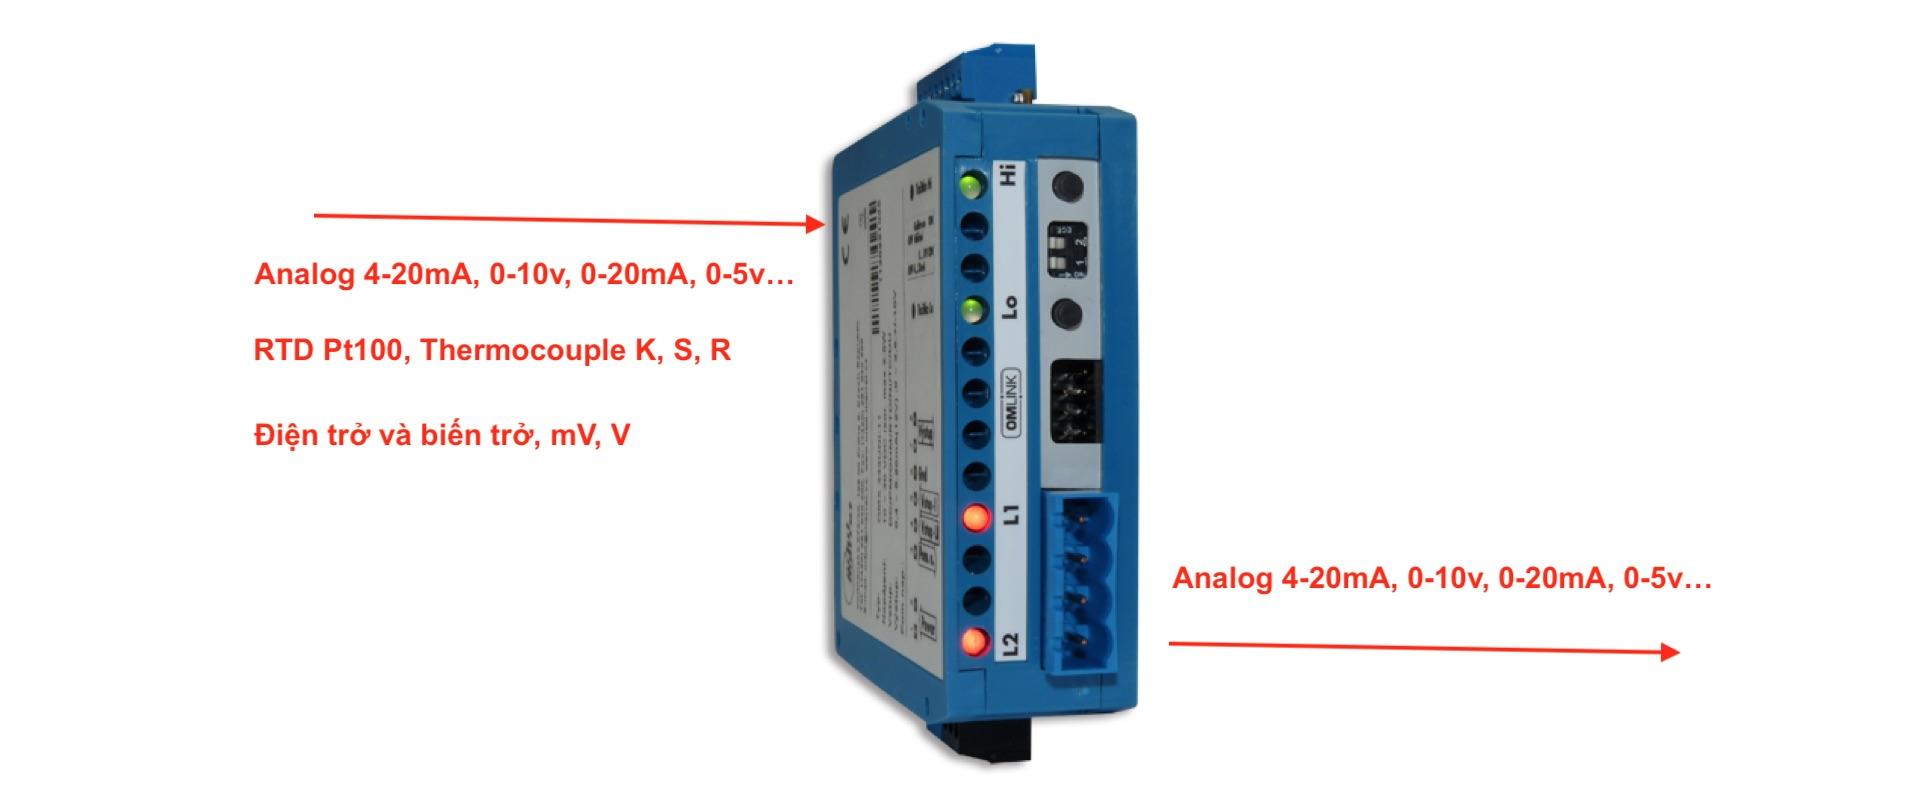 Bộ chuyển tín hiệu OMX333UNI